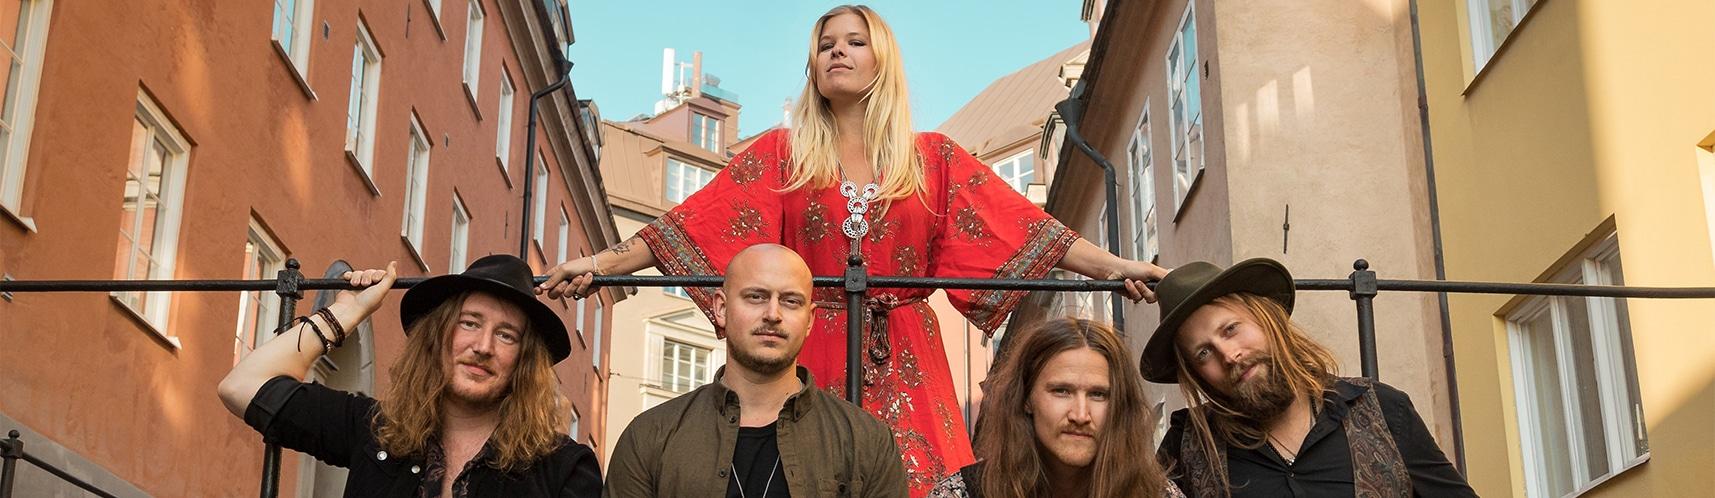 Lisa Lystam family band